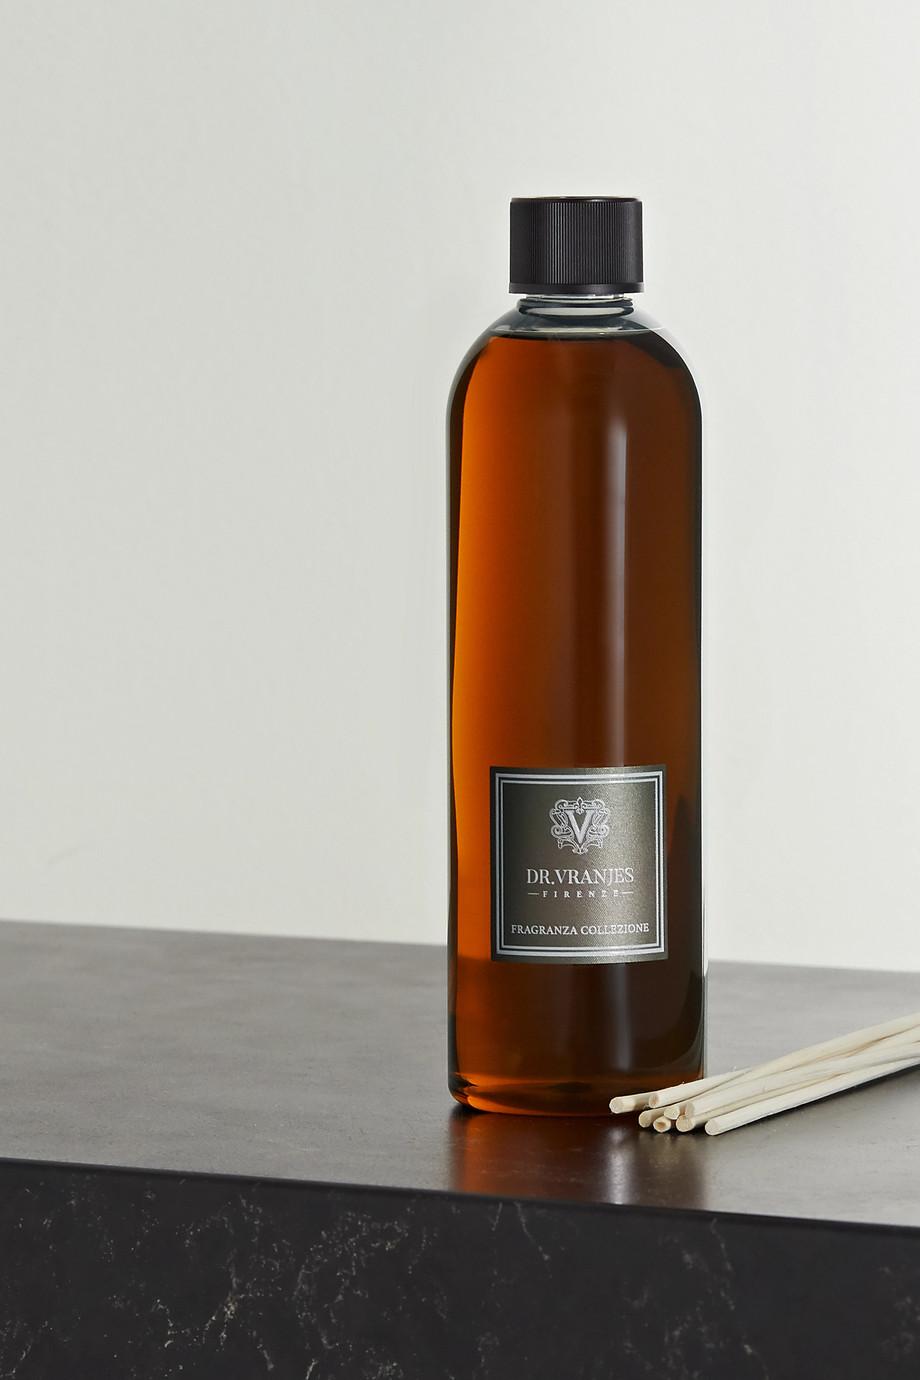 Dr. Vranjes Firenze Oud Nobile reed diffuser refill, 500ml